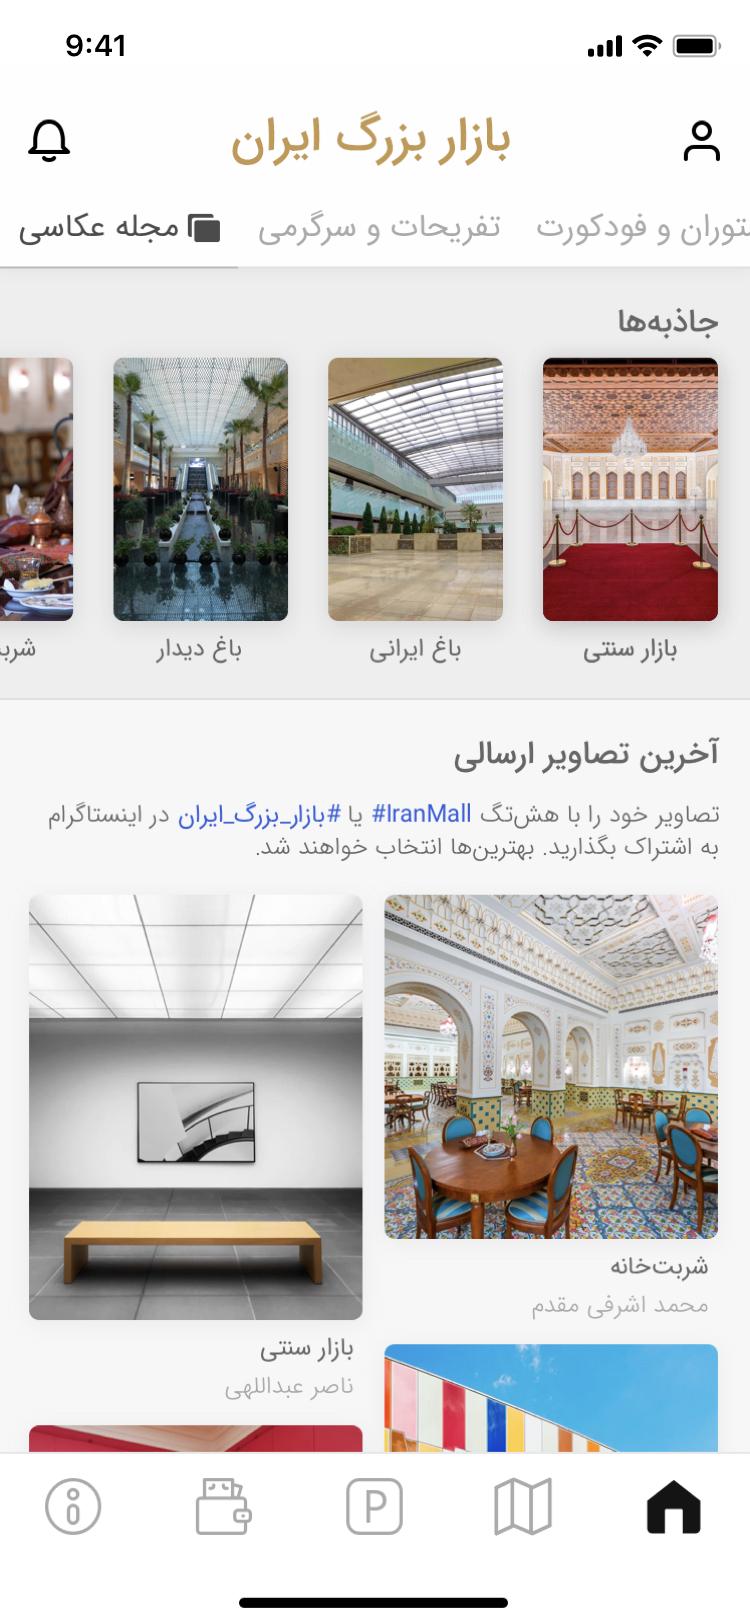 اپلیکیشن مرکز تجاری ایران مال